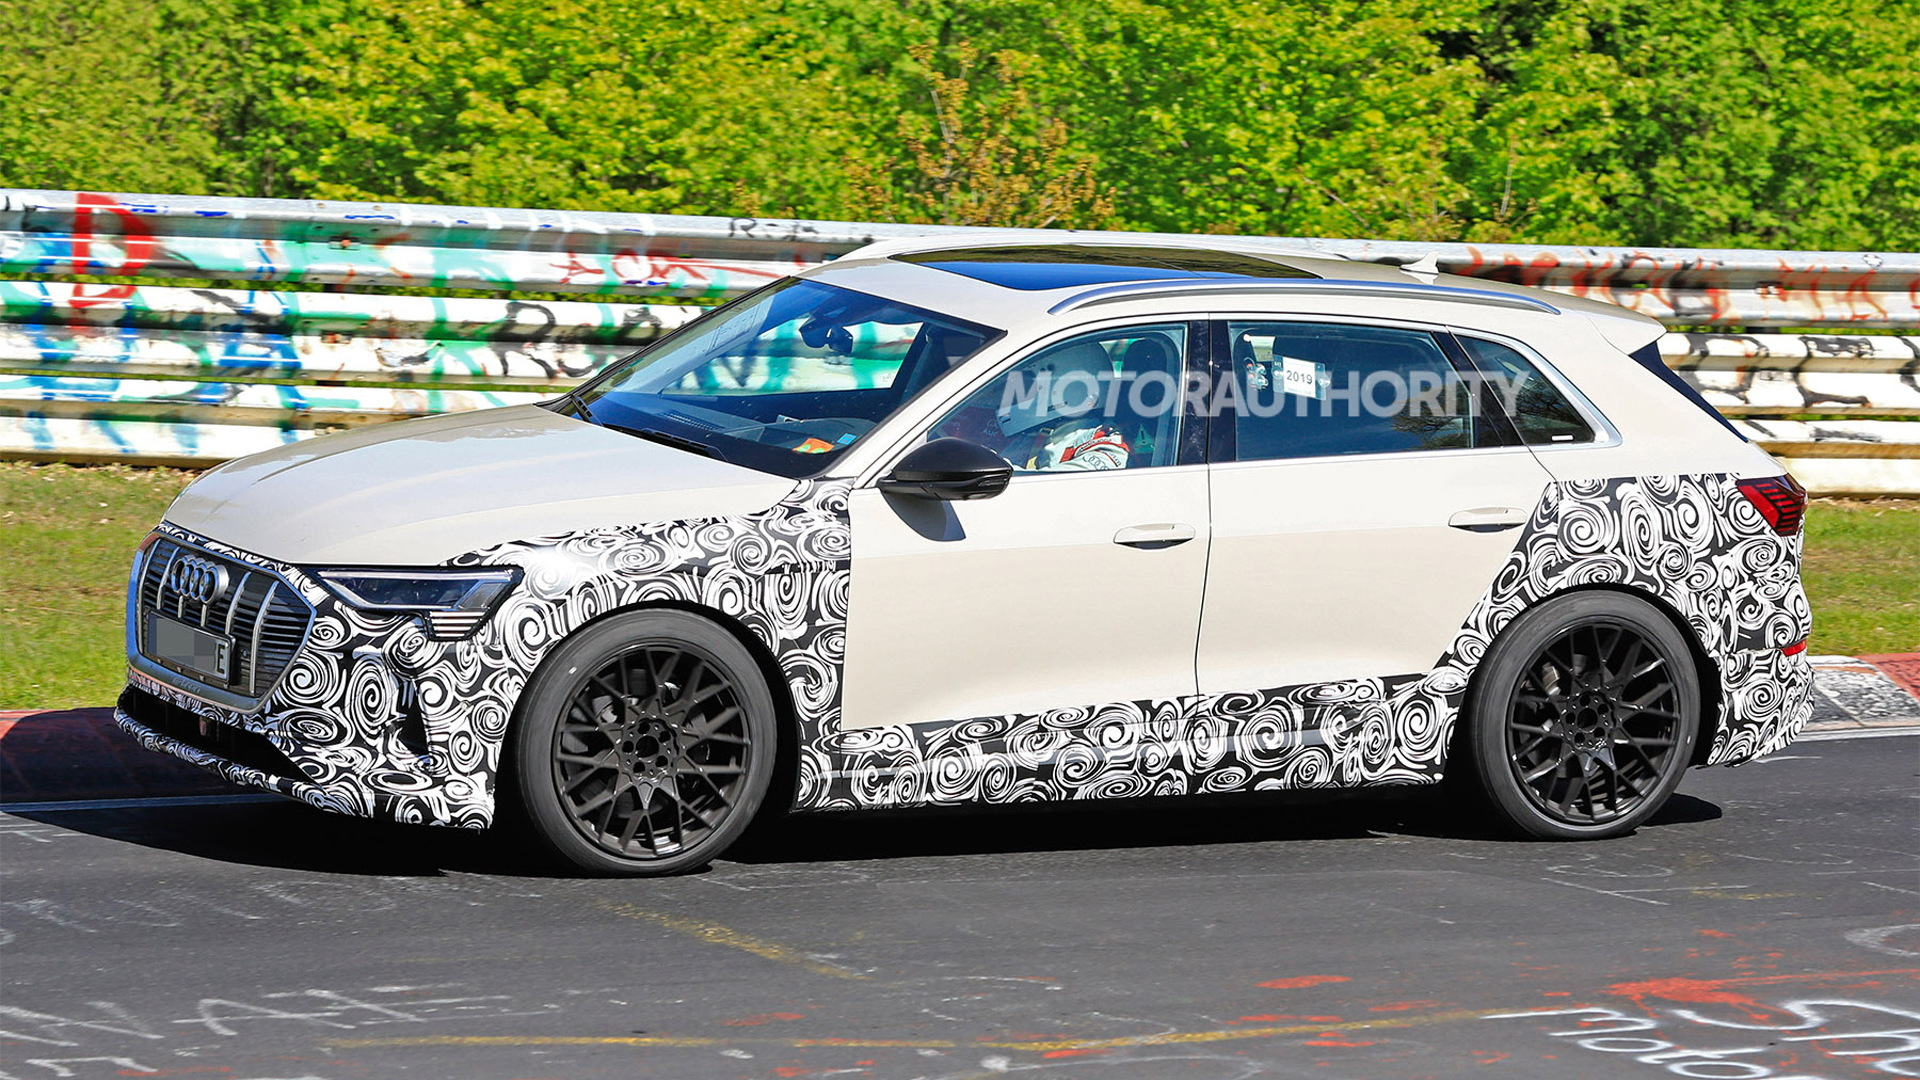 2020 Audi E-tron S spy shots - Image via S. Baldauf/SB-Medien